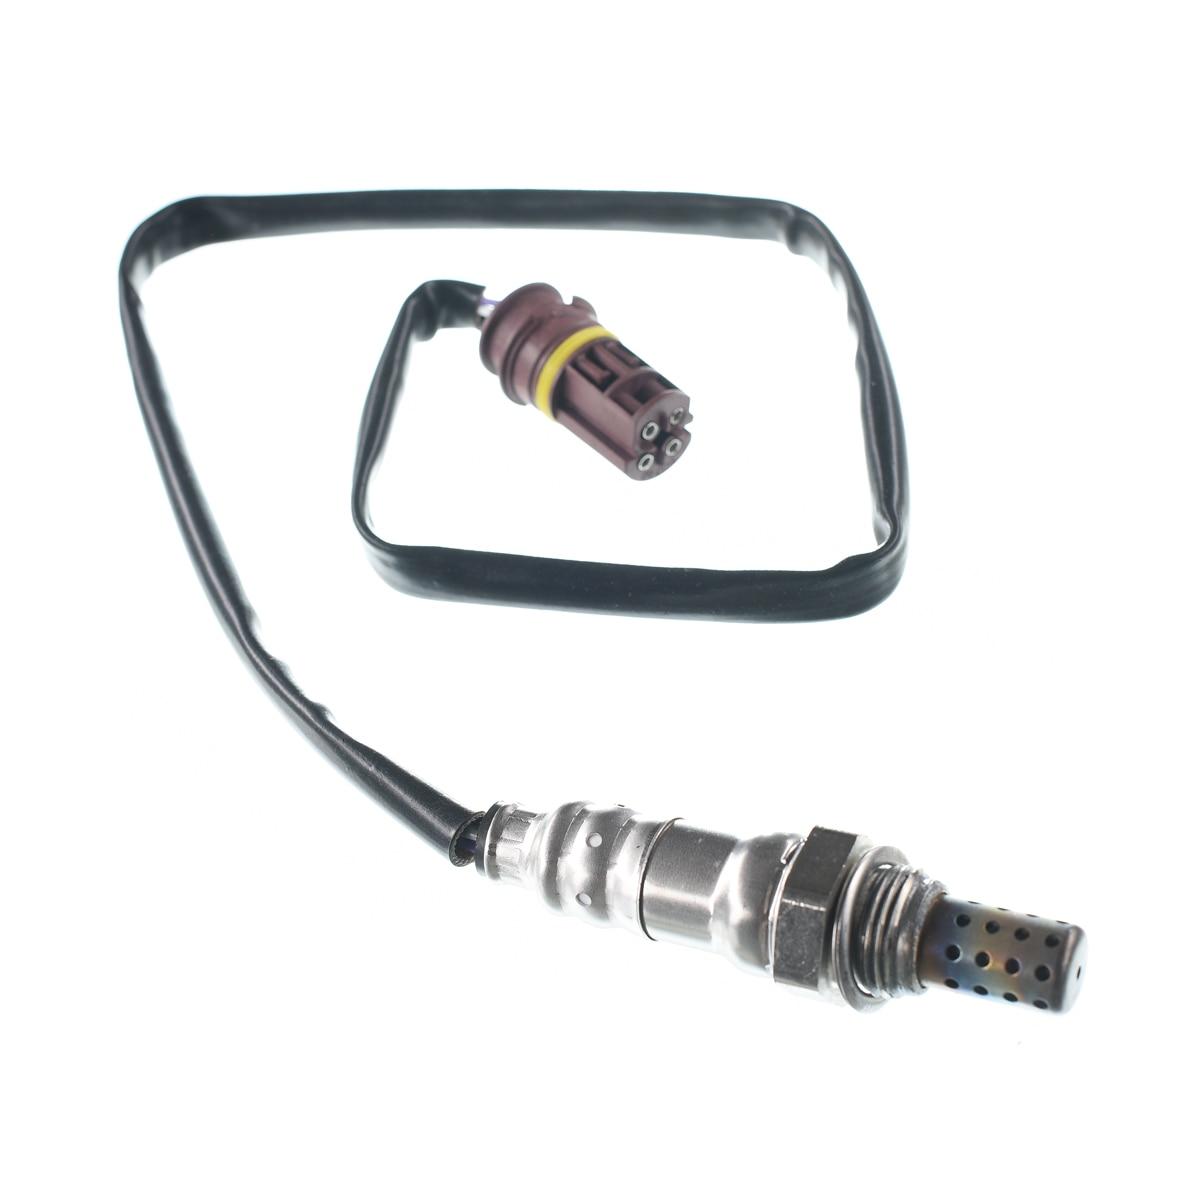 Brand New Oxygen Sensor For Mercedes Benz CLK320 CLK430